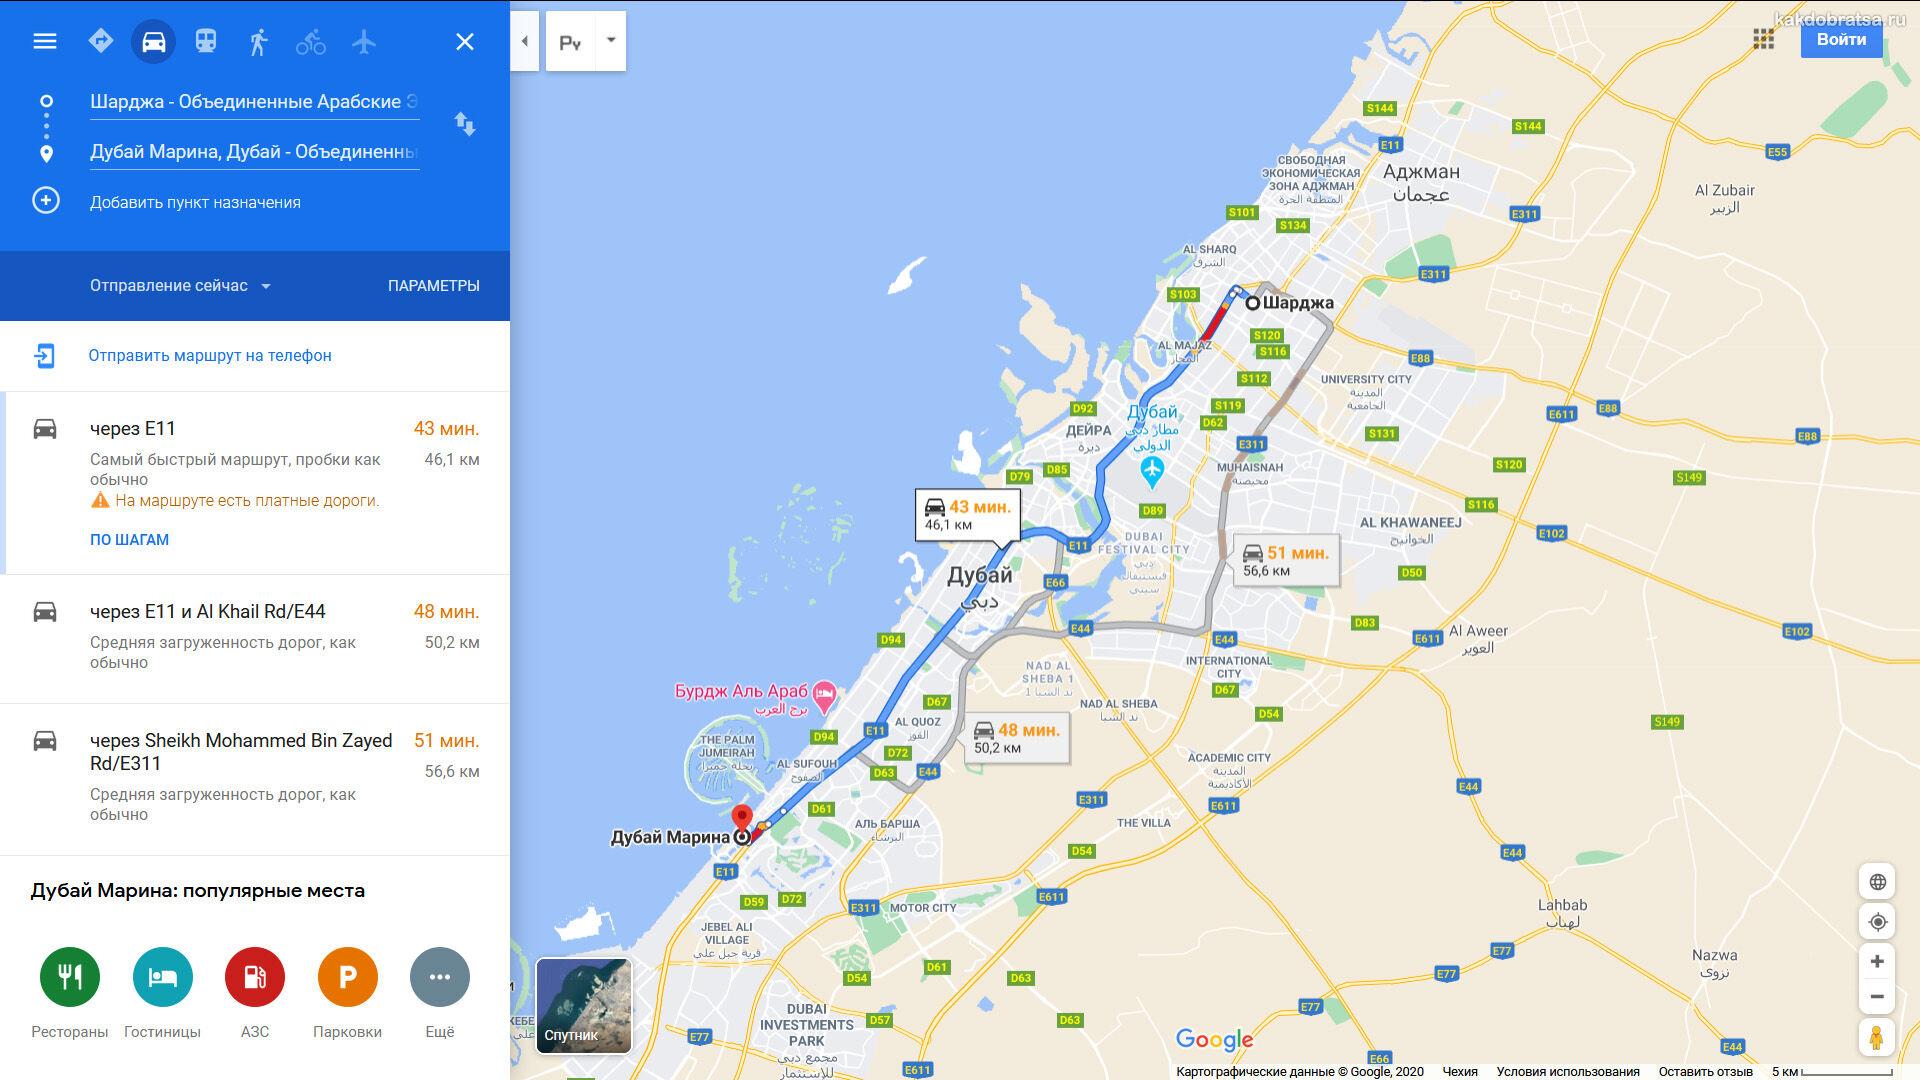 Шарджа Дубай расстояние, время в пути и карта